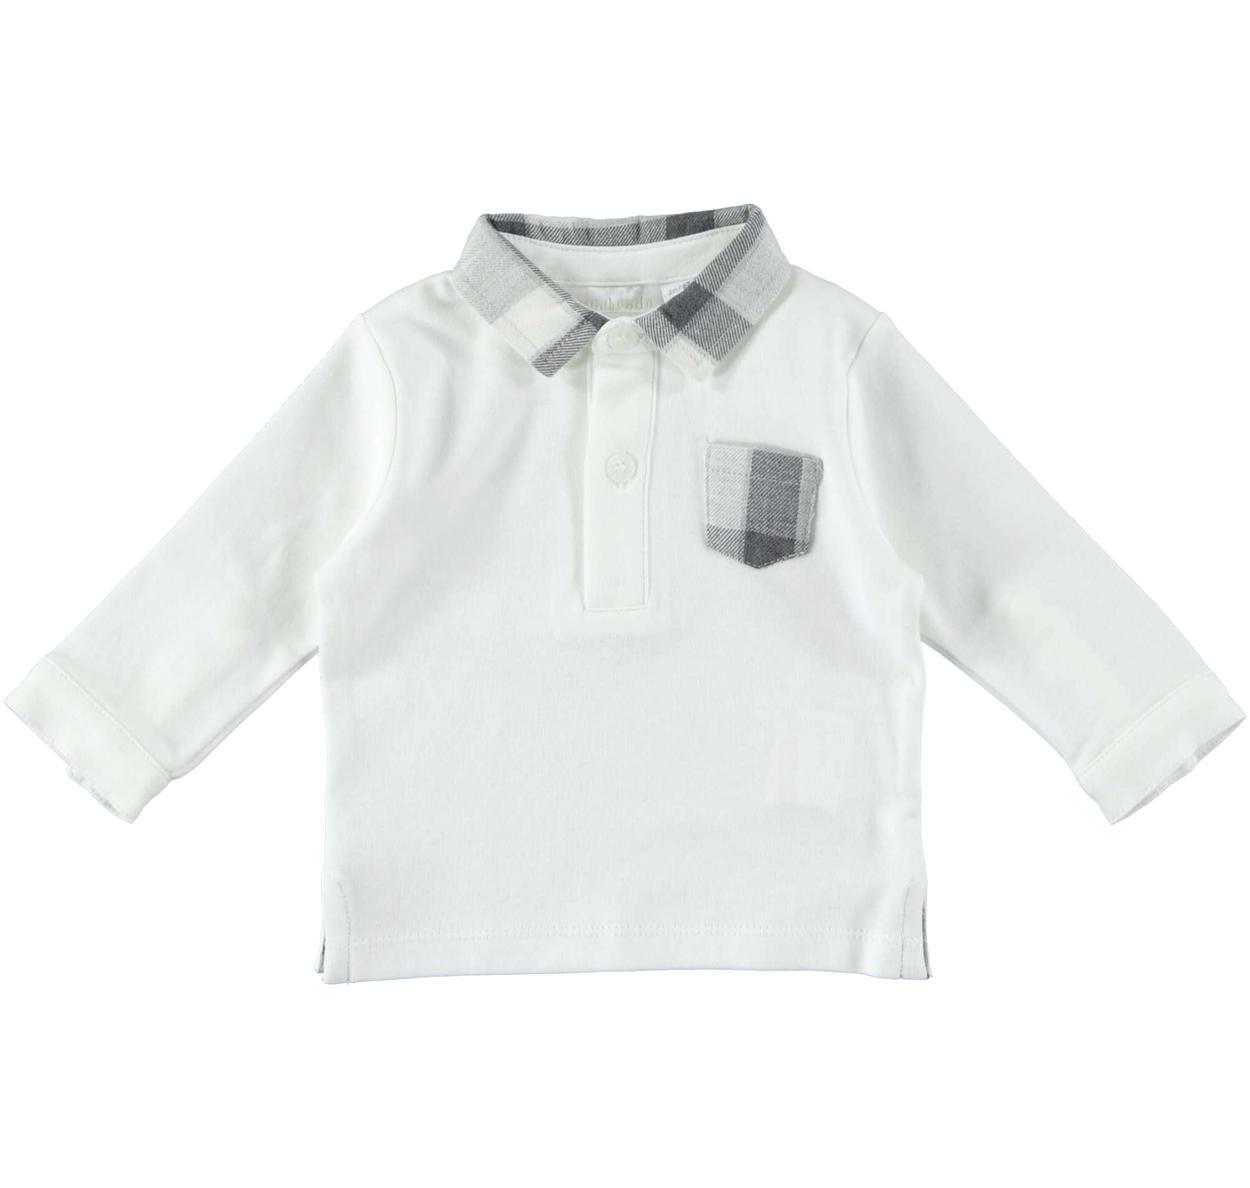 the latest 344da 07b26 Polo a manica lunga 100% cotone con colletto e taschino a quadri per  neonato da 0 a 24 mesi Minibanda